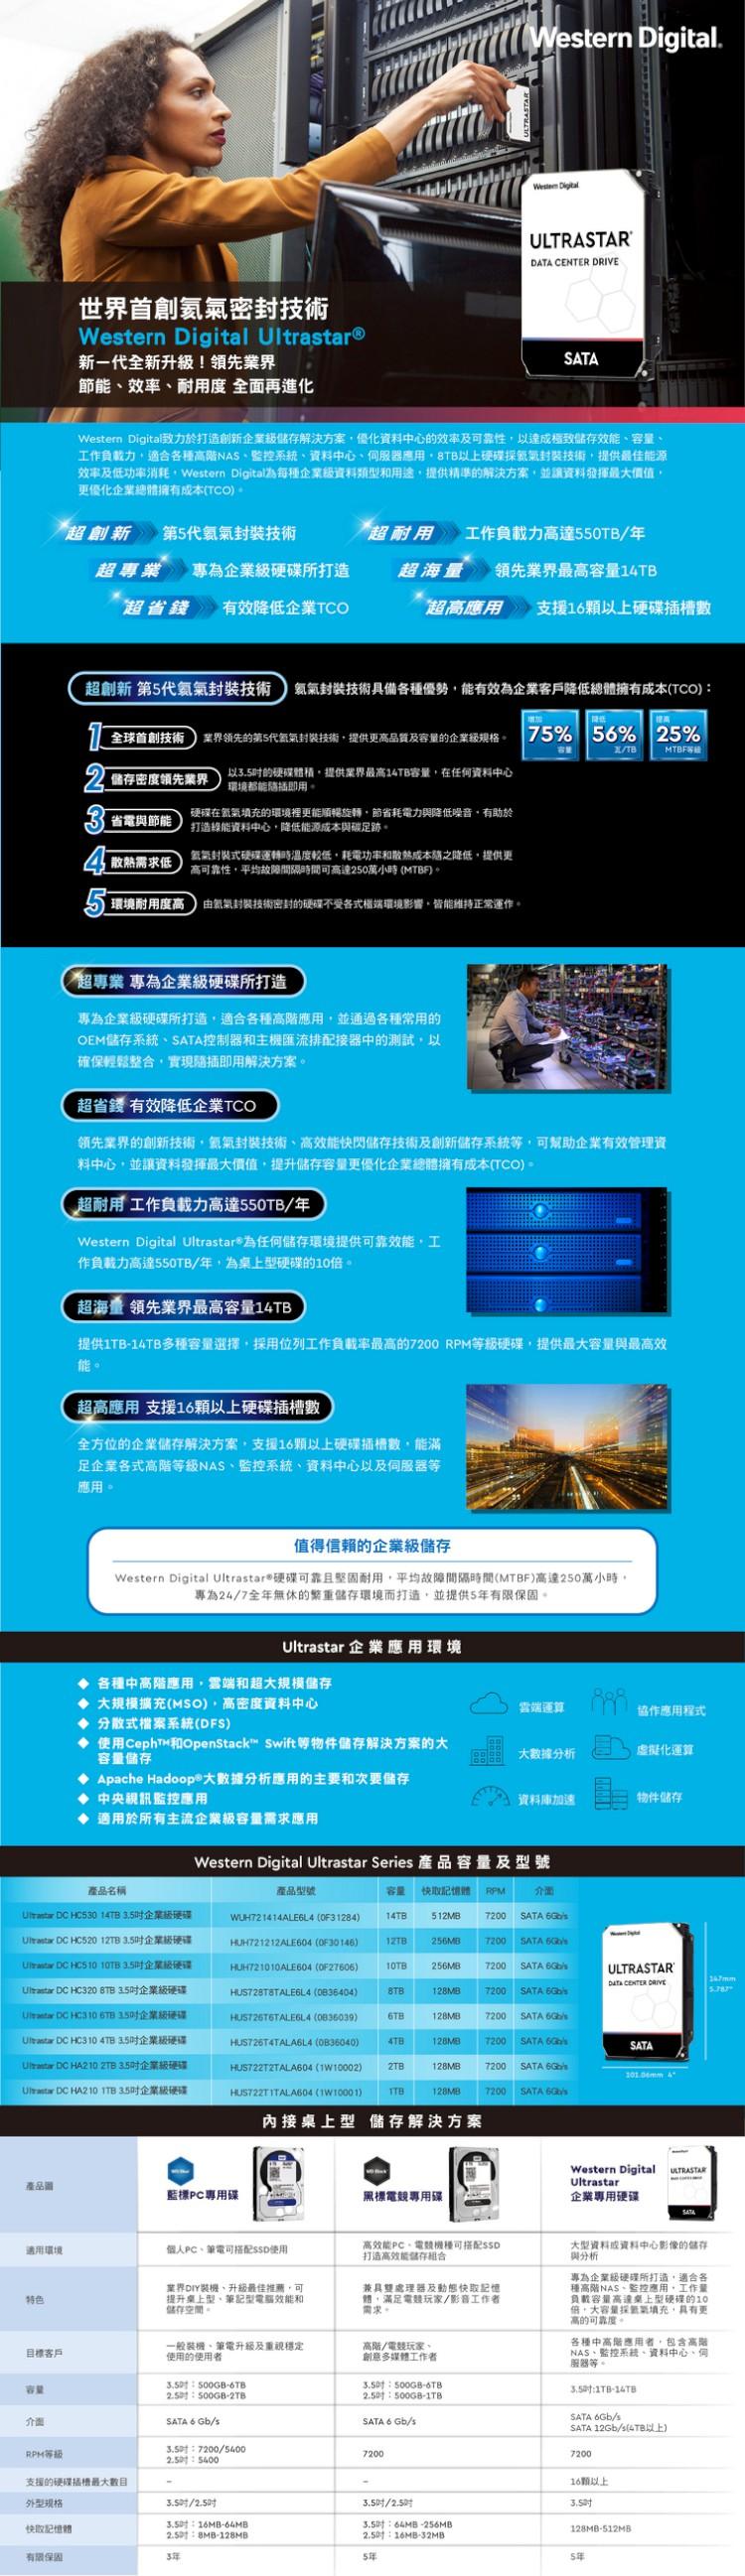 Ultrastar powerpage-4-01_760-W750.jpg